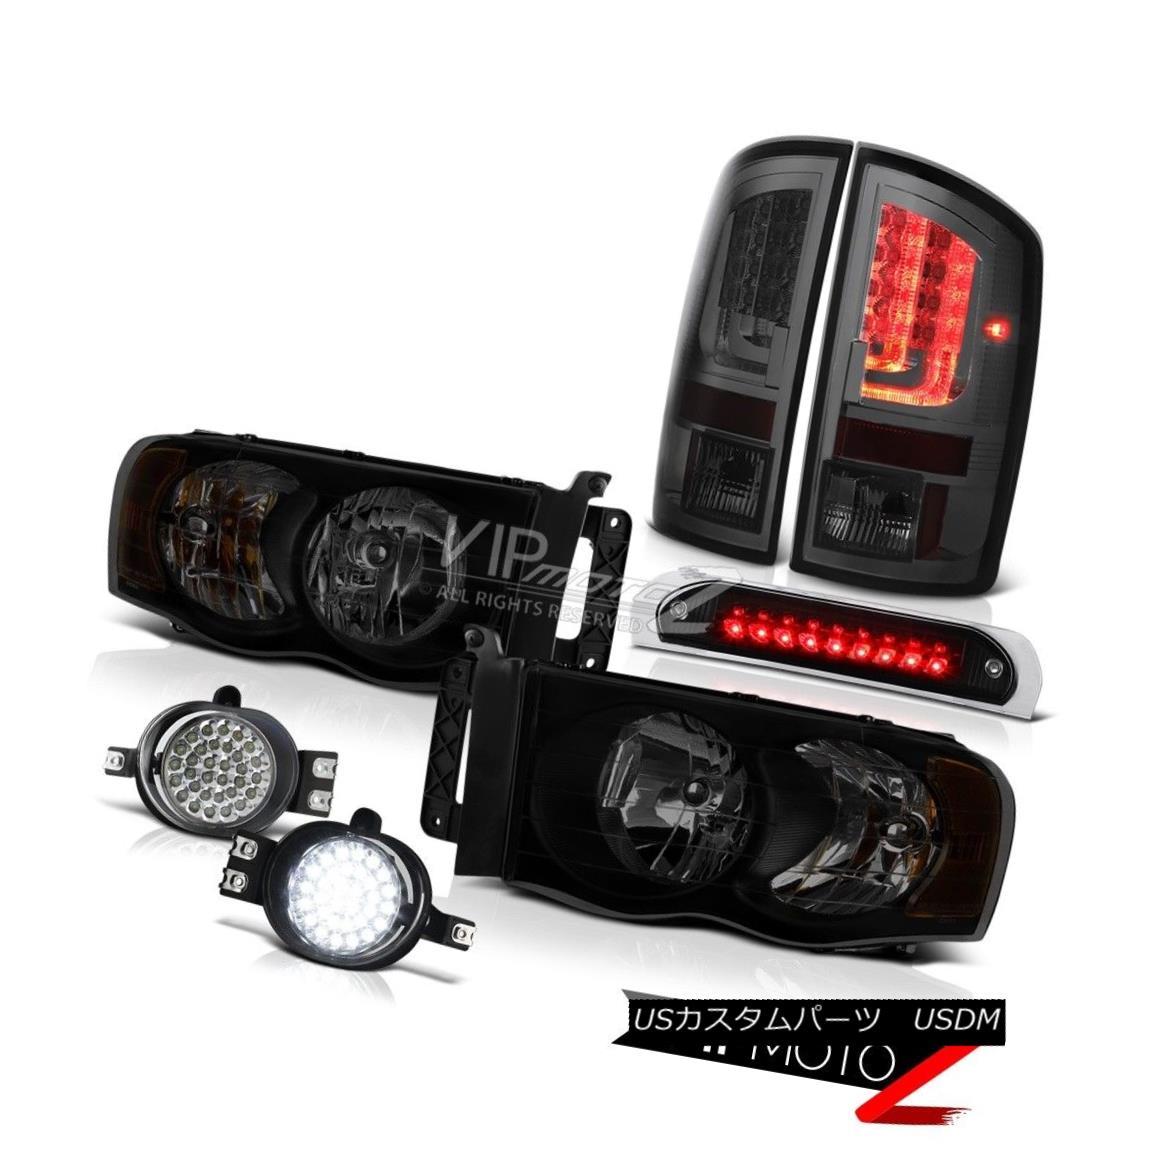 テールライト 02-05 Dodge Ram 1500 2500 SLT Taillights High STop Lamp Headlights Fog Lamps LED 02-05 Dodge Ram 1500 2500 SLT灯台ハイストップランプヘッドライトフォグランプLED